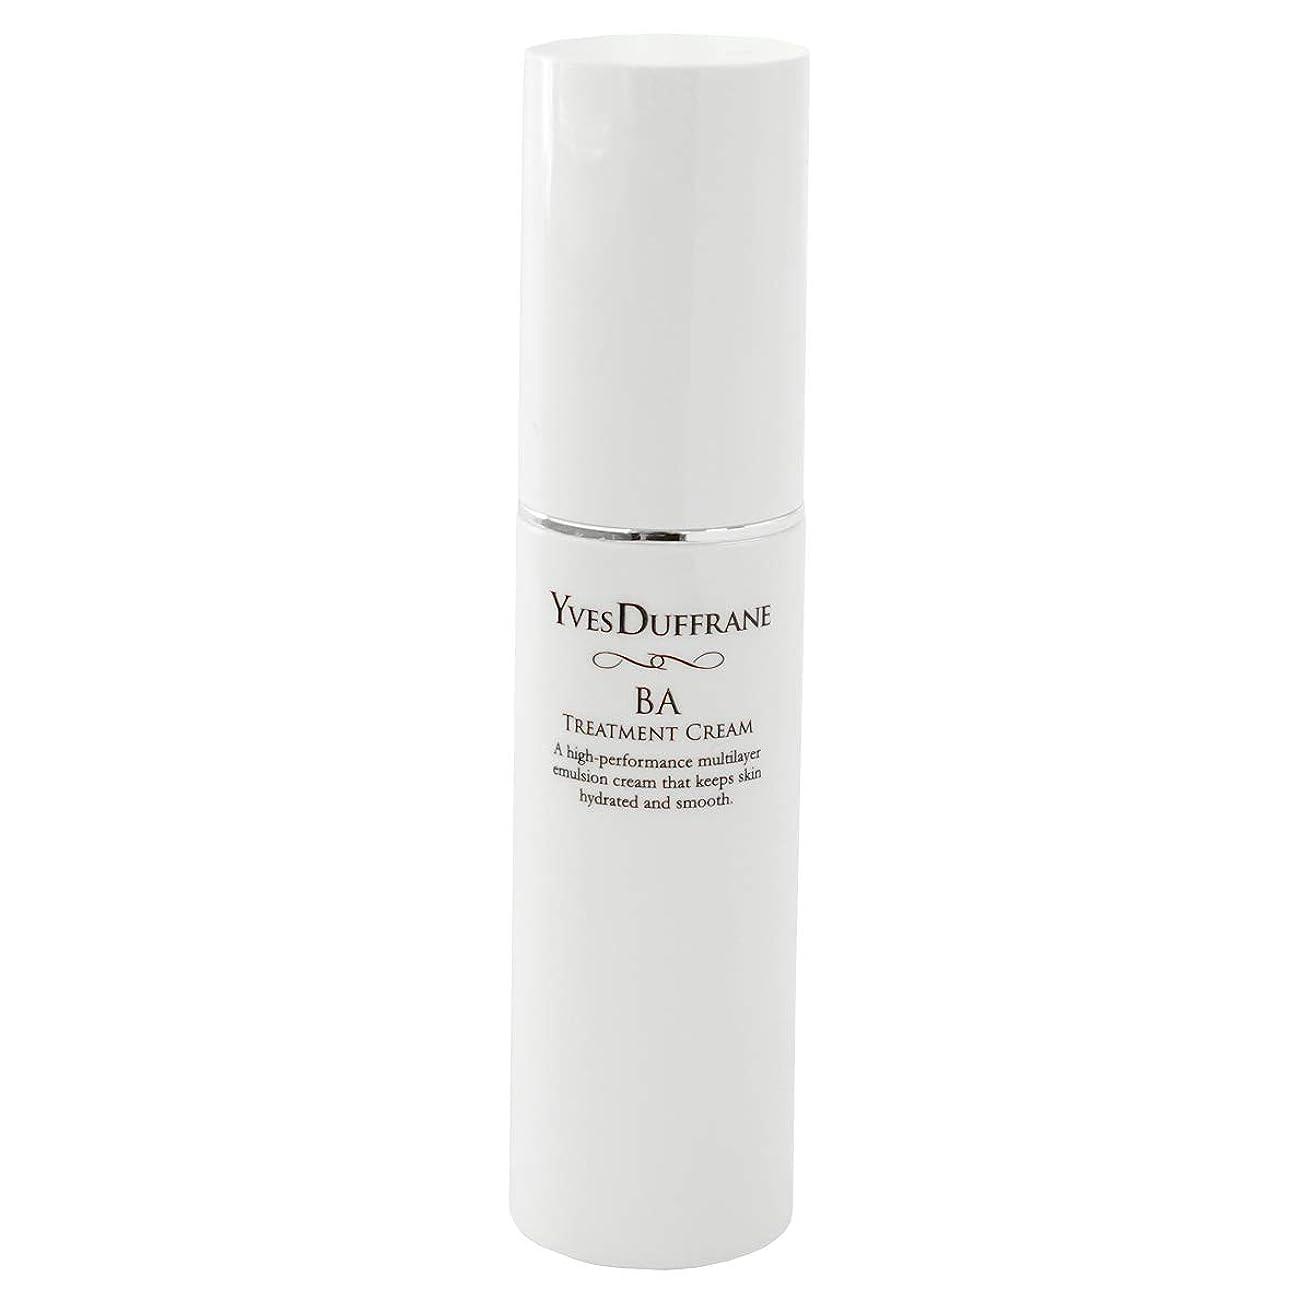 ミスペンド誘惑する悲しいことにセラミド 美容クリーム [BAトリートメント クリーム ] 顔 目元 敏感肌 保湿 セラミド ビタミンC誘導体 バイオアンテージ配合